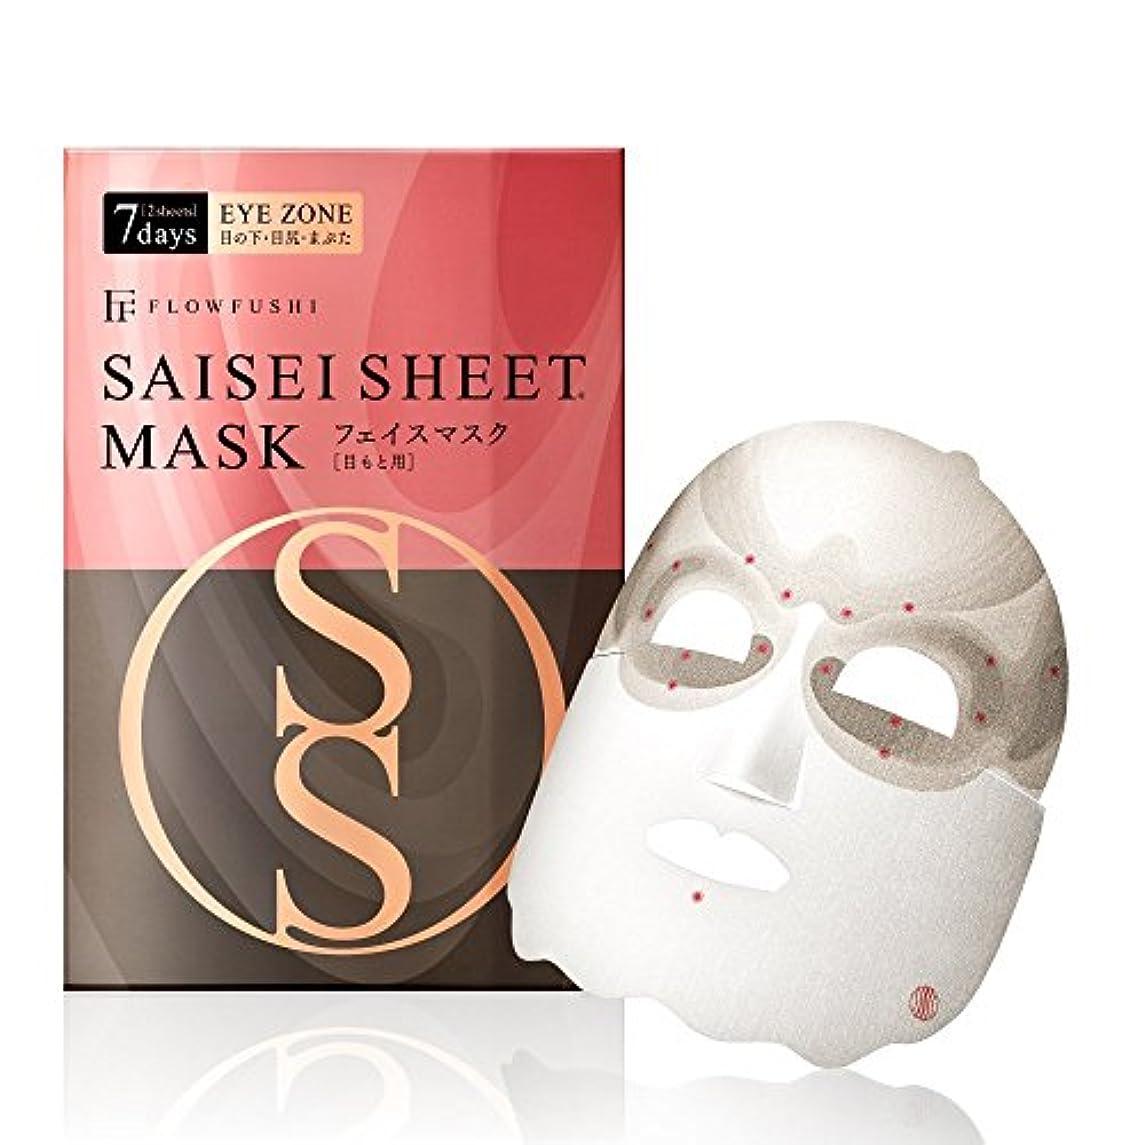 ピル一部現金SAISEIシート マスク [目もと用] 7days 2sheets